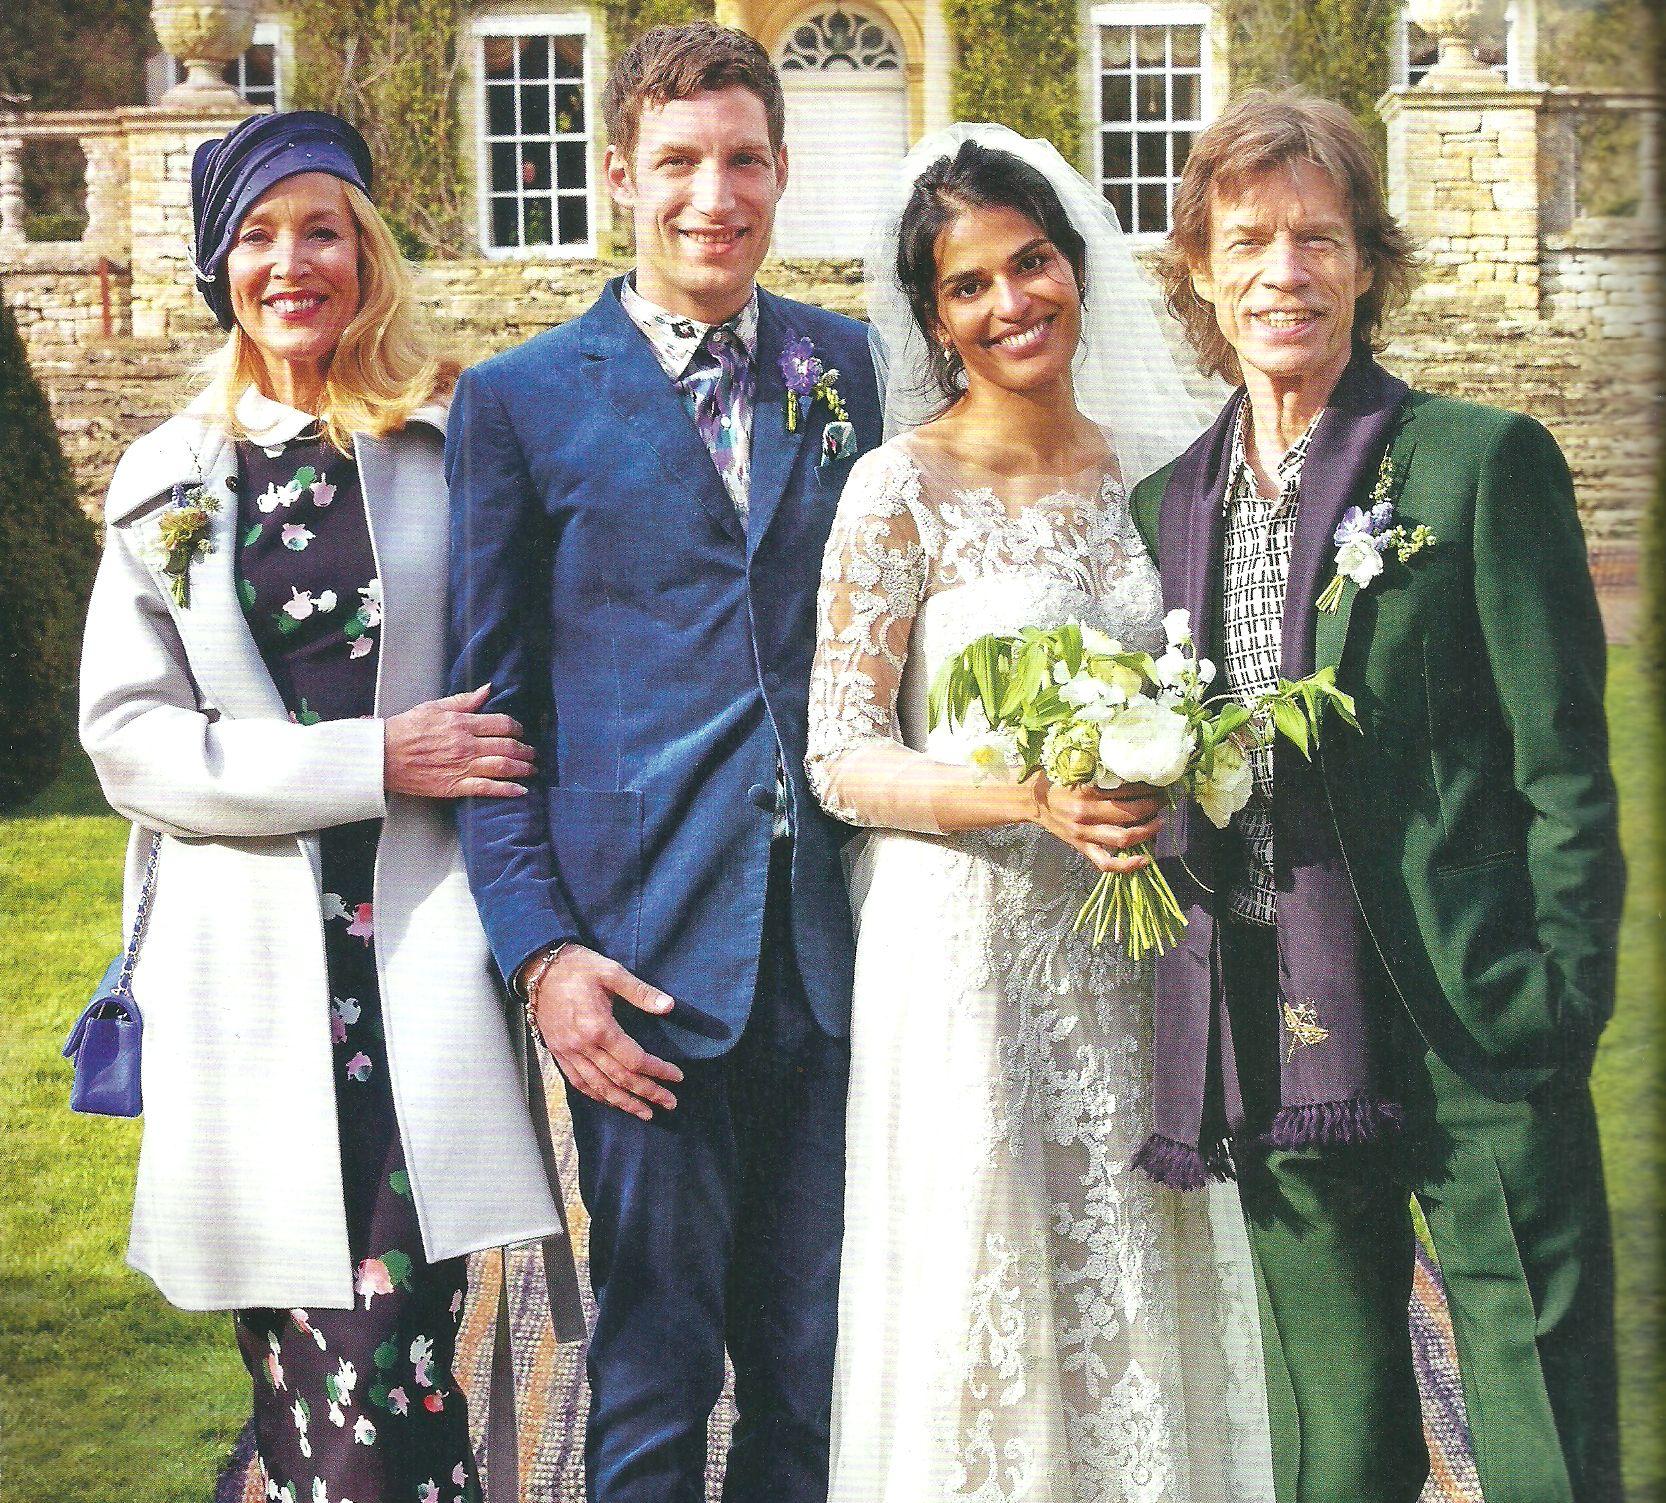 Las fotos de la boda stone del hijo de Mick Jagger